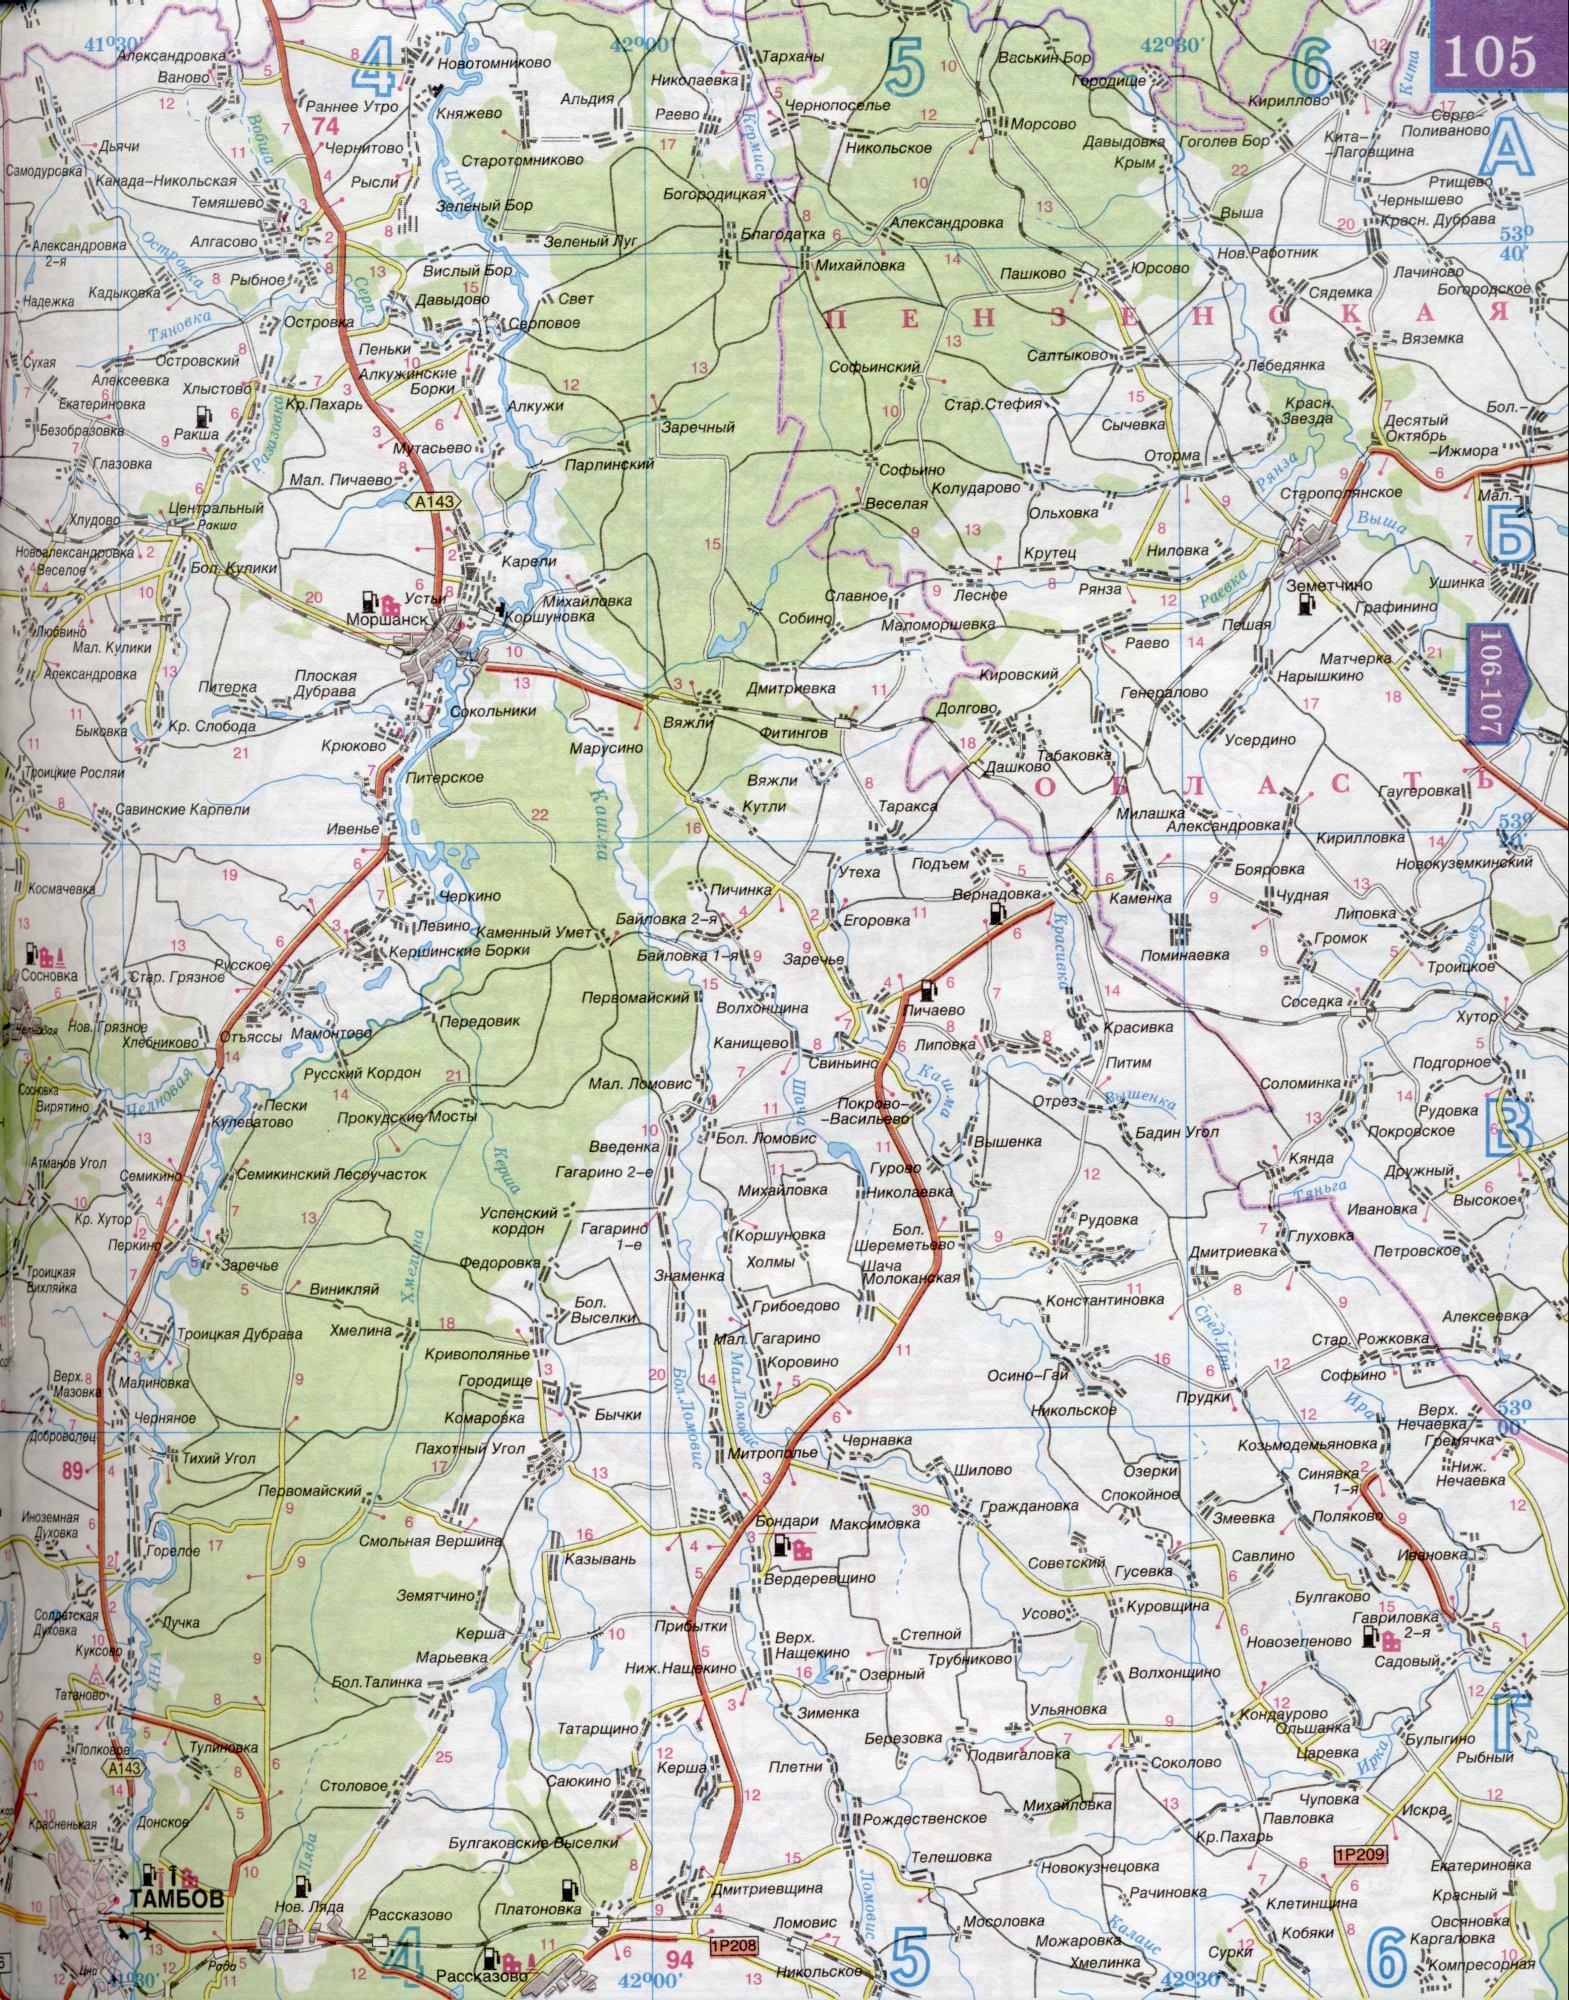 Скачать карту на прохождение в minecraft 152 - 0391e